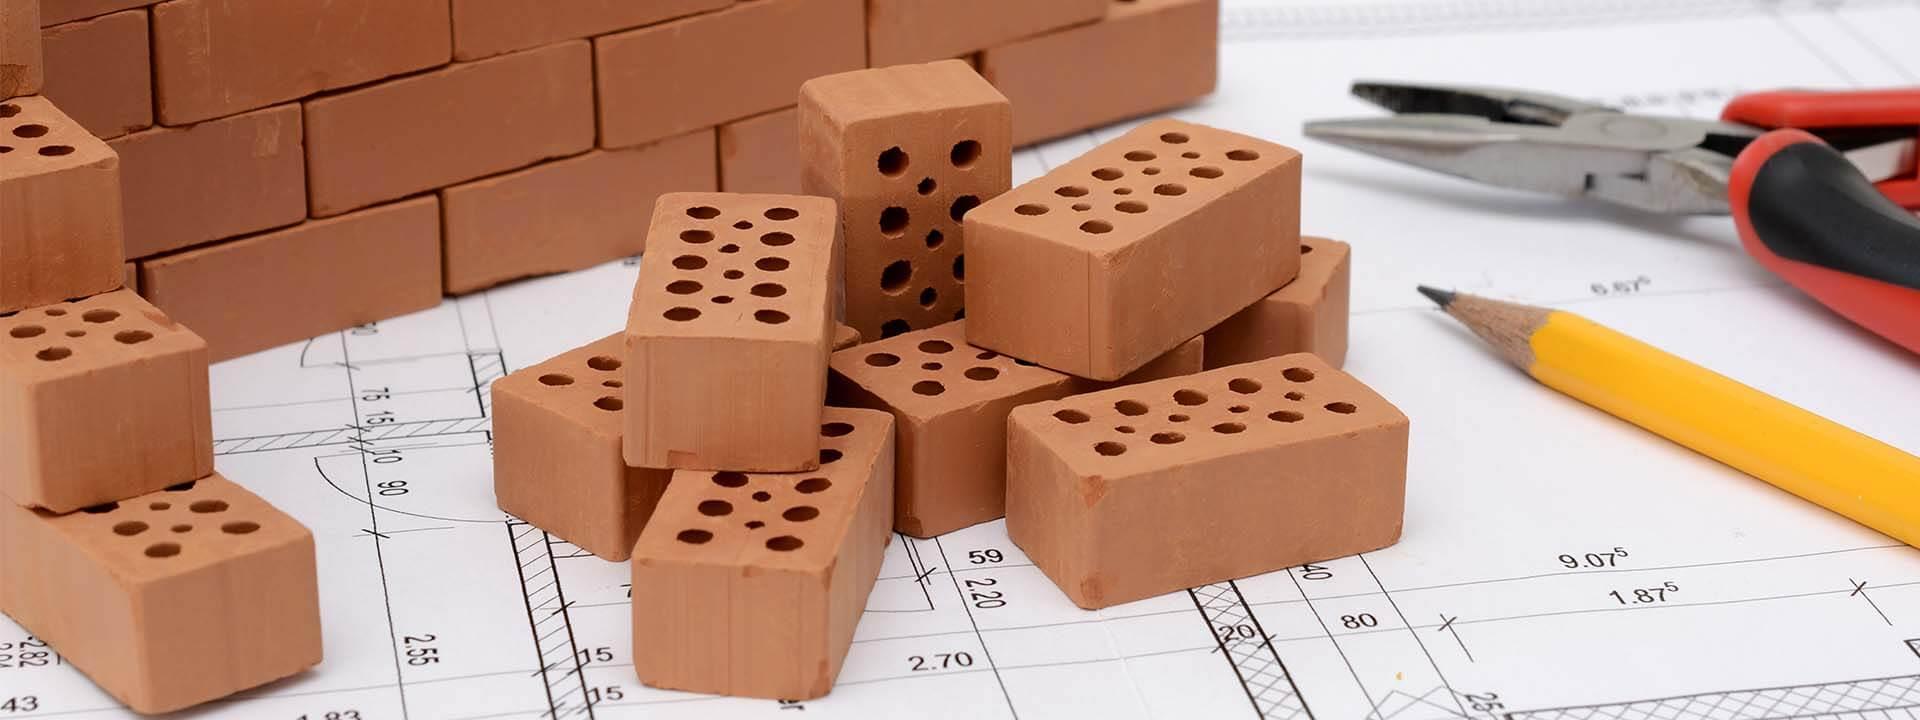 Wir beraten und unterstützen beim Bauen.